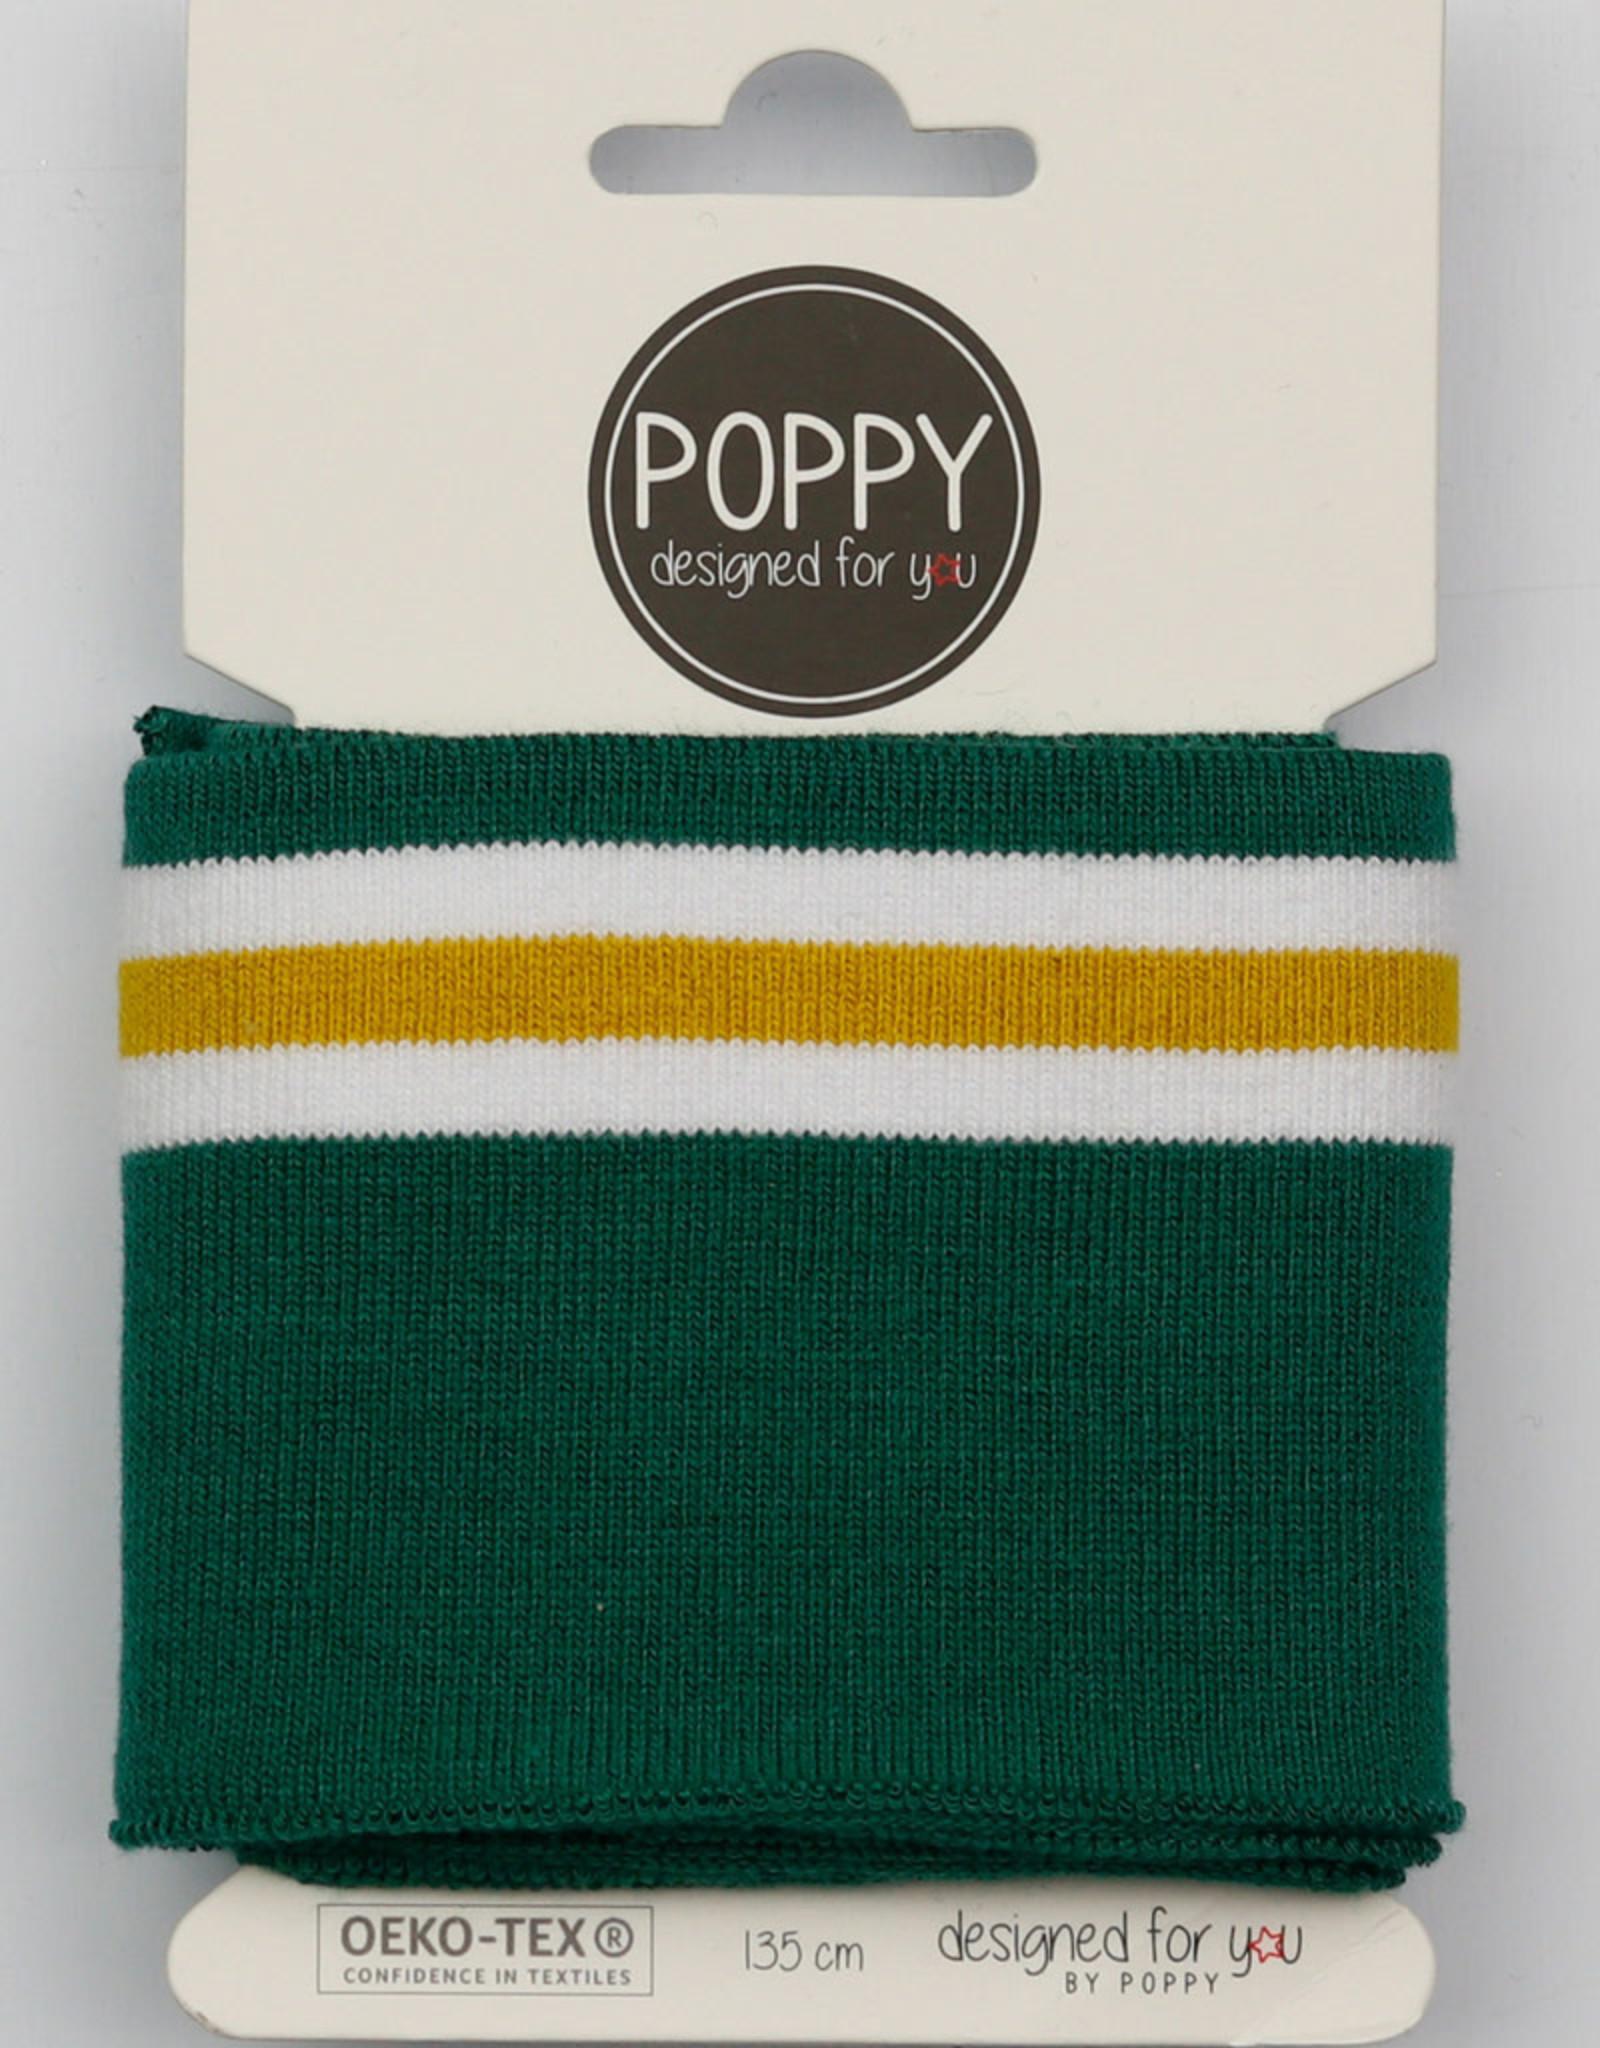 Poppy Cuffs 3 strepen groen wit/oker 135*7cm